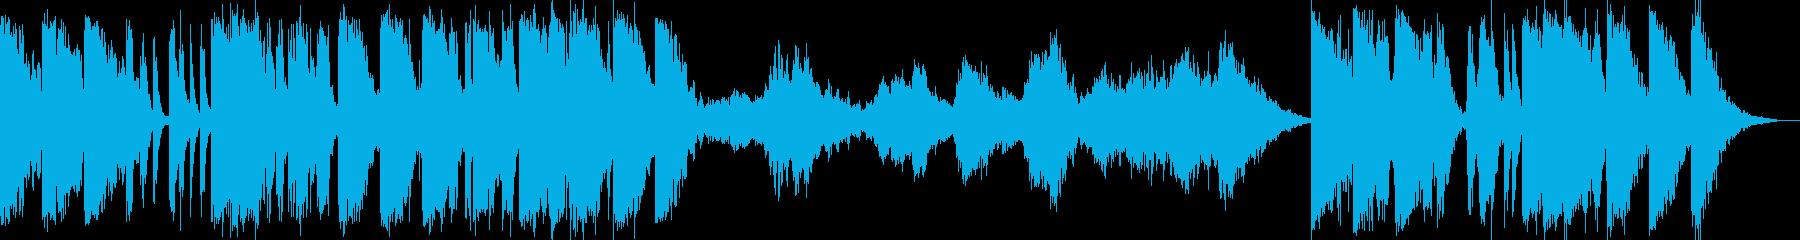 不協和音のイントロには、ドラマチッ...の再生済みの波形